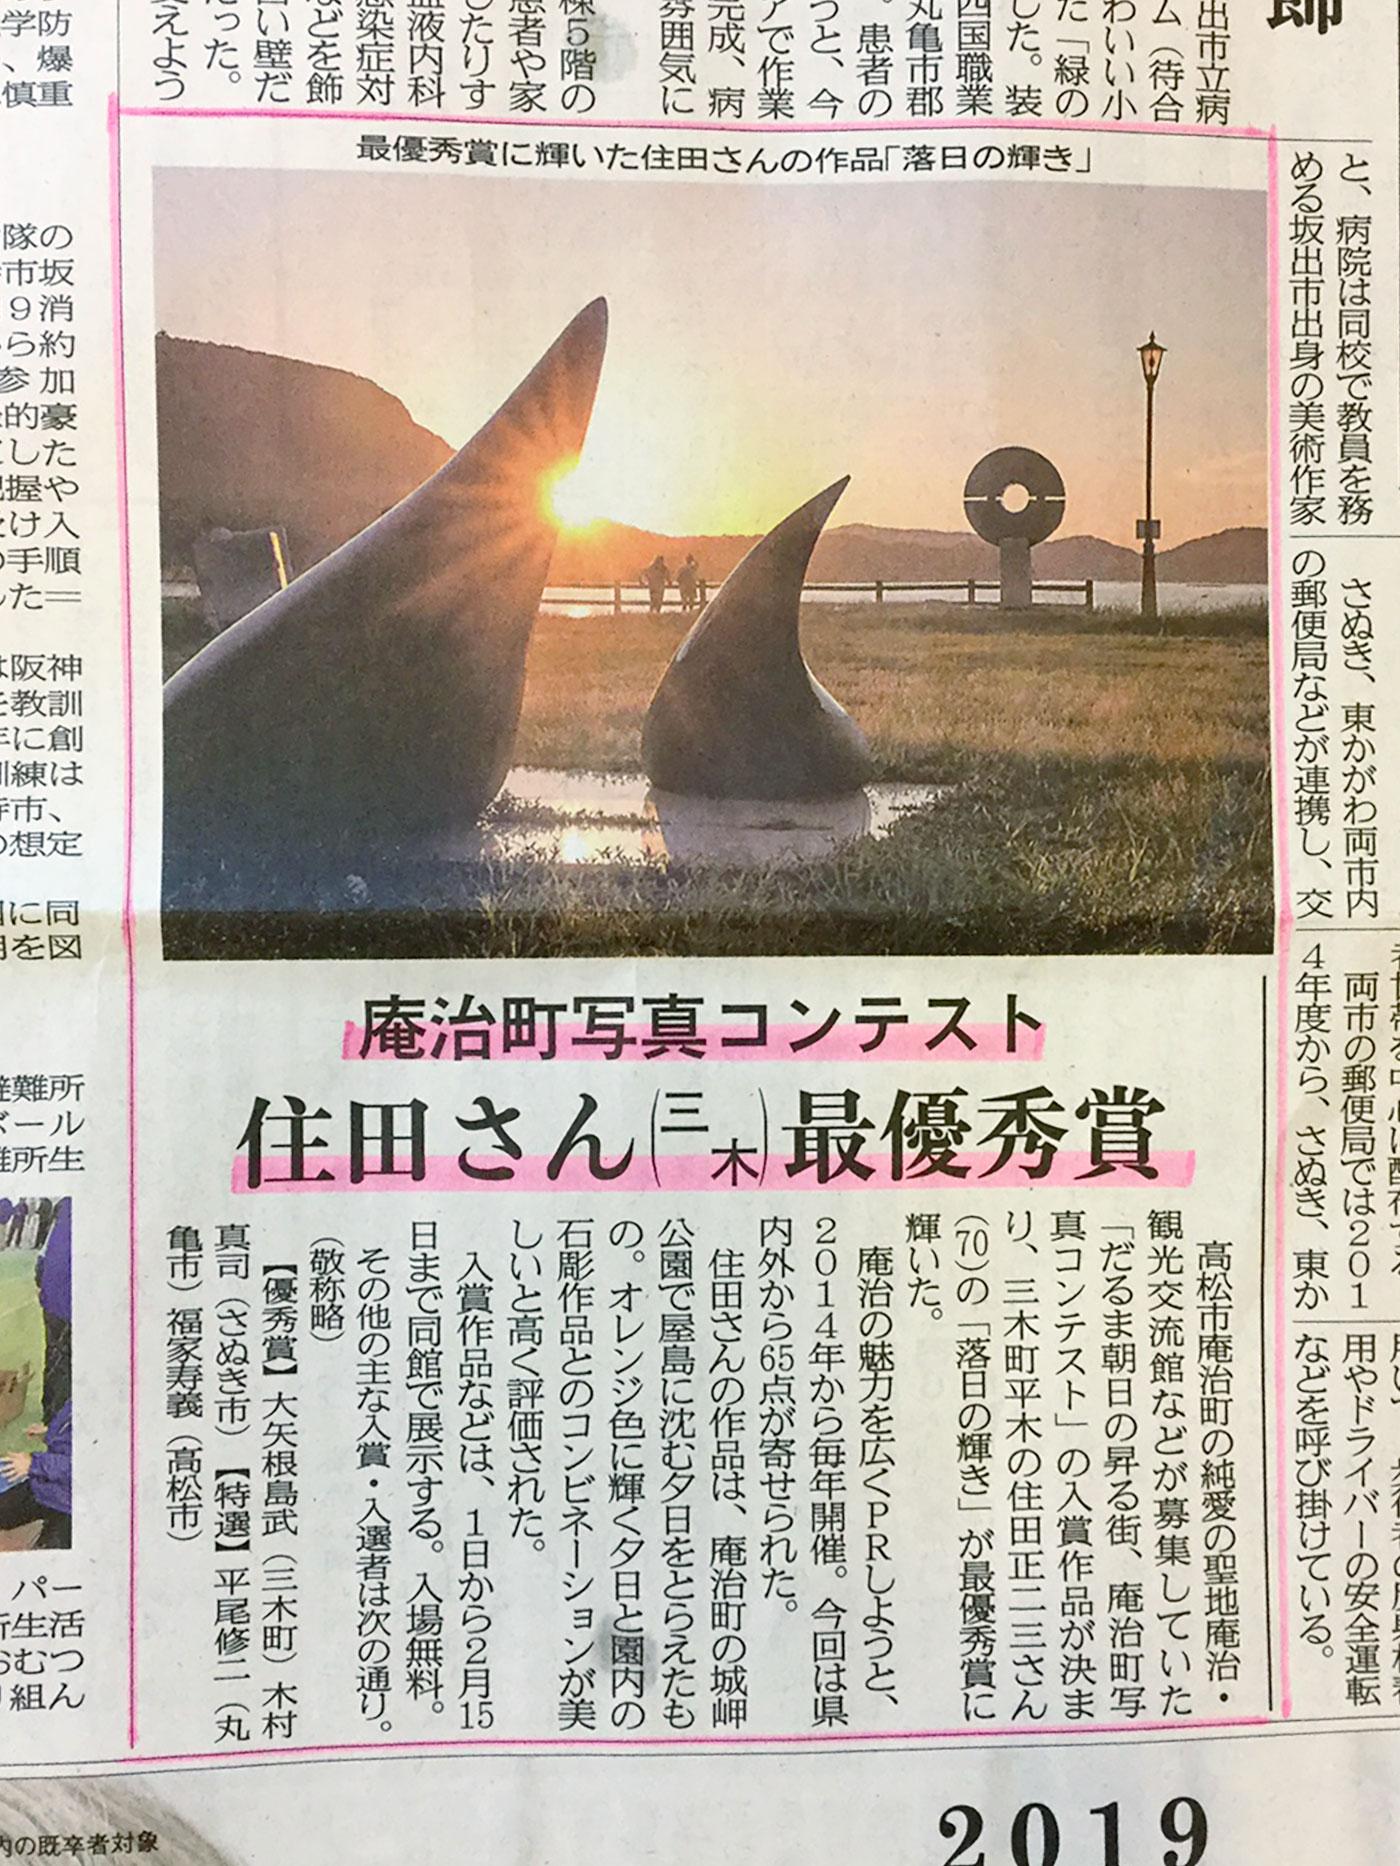 結果発表(第5回/2018年度) 新聞記事 - 四国新聞さん